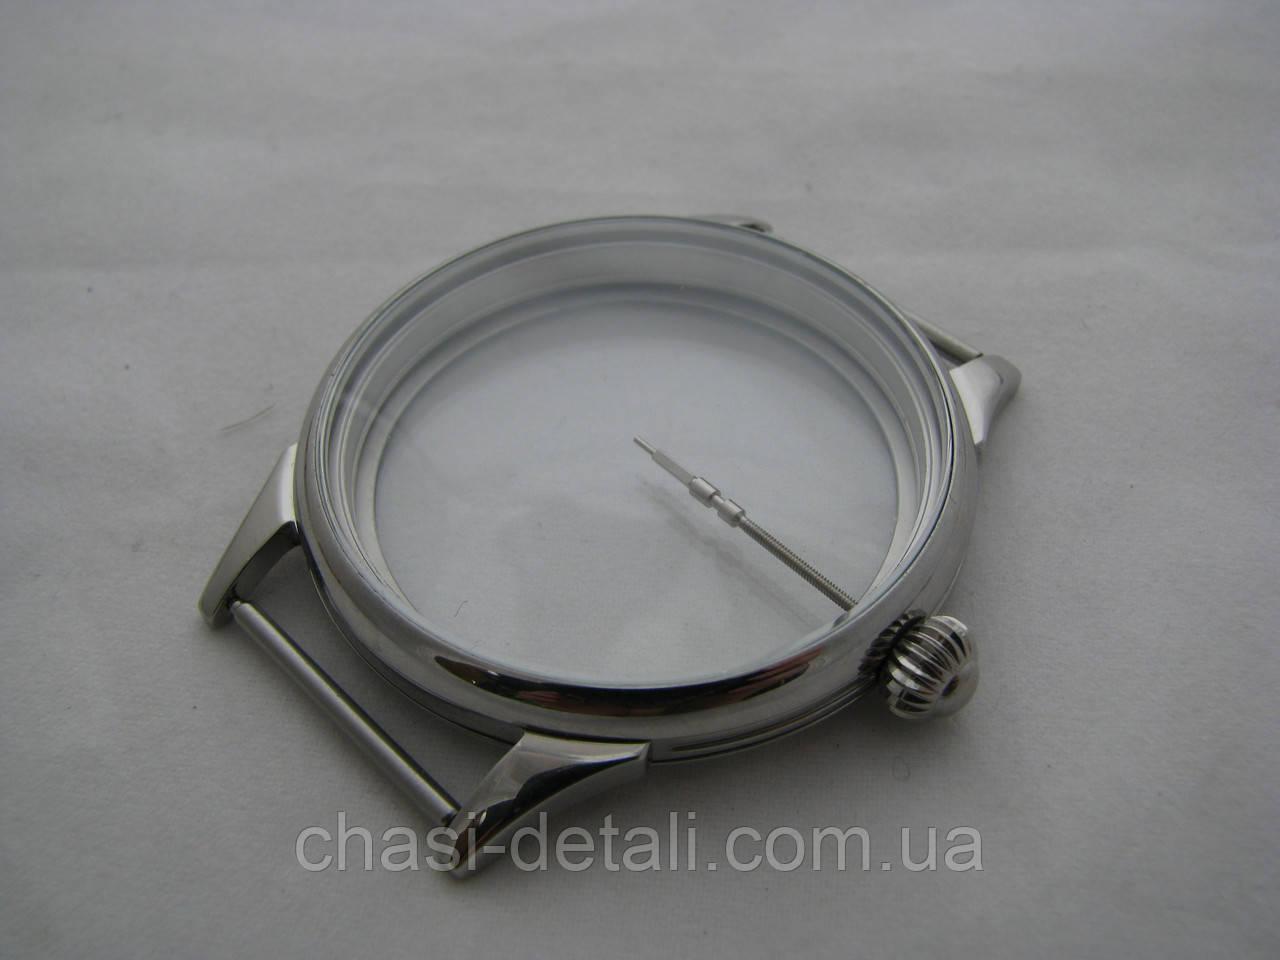 Корпус + головка и вал для часов Молния, низкая Молния 3601. 15 камнейСтальной. Диаметр 43,00мм. Часы Молния